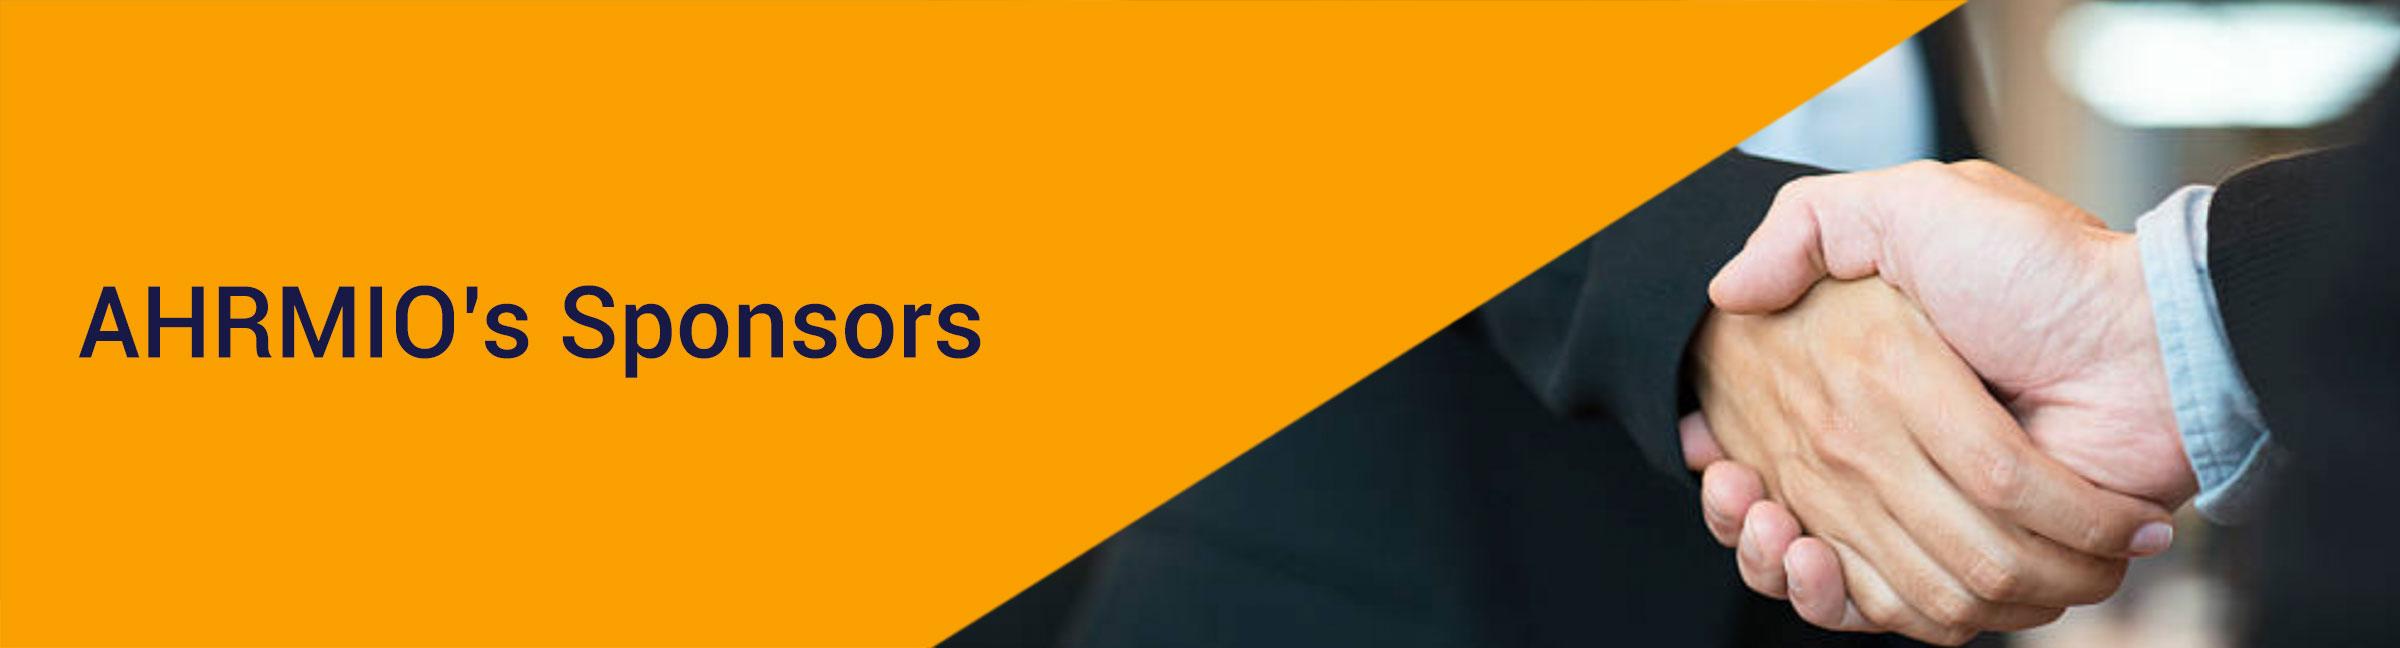 header_pic_sponsors